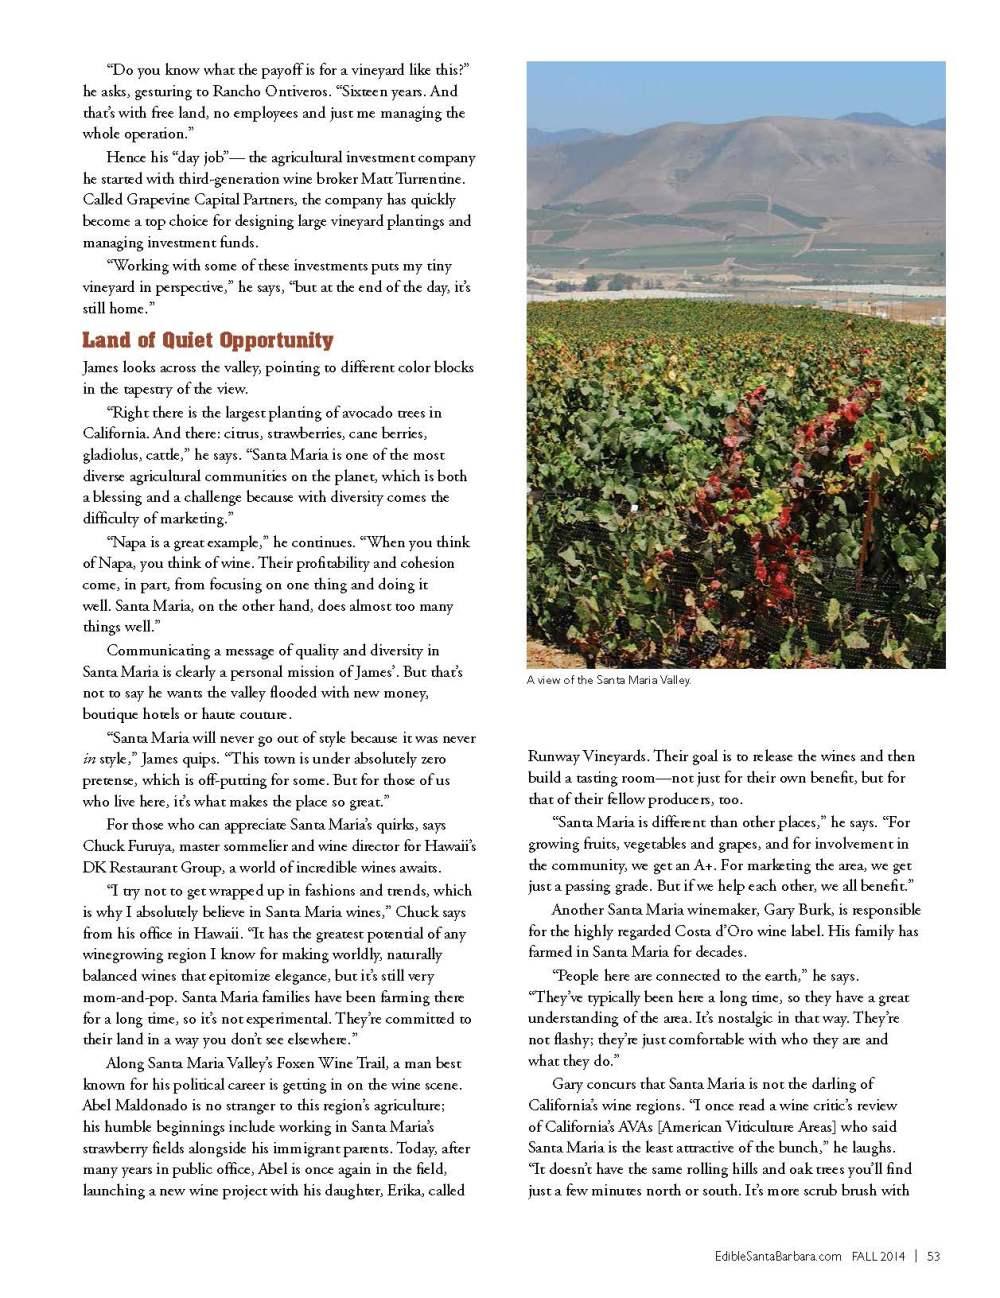 EdibleSantaBarbara_Fall2014_50-54_Page_4